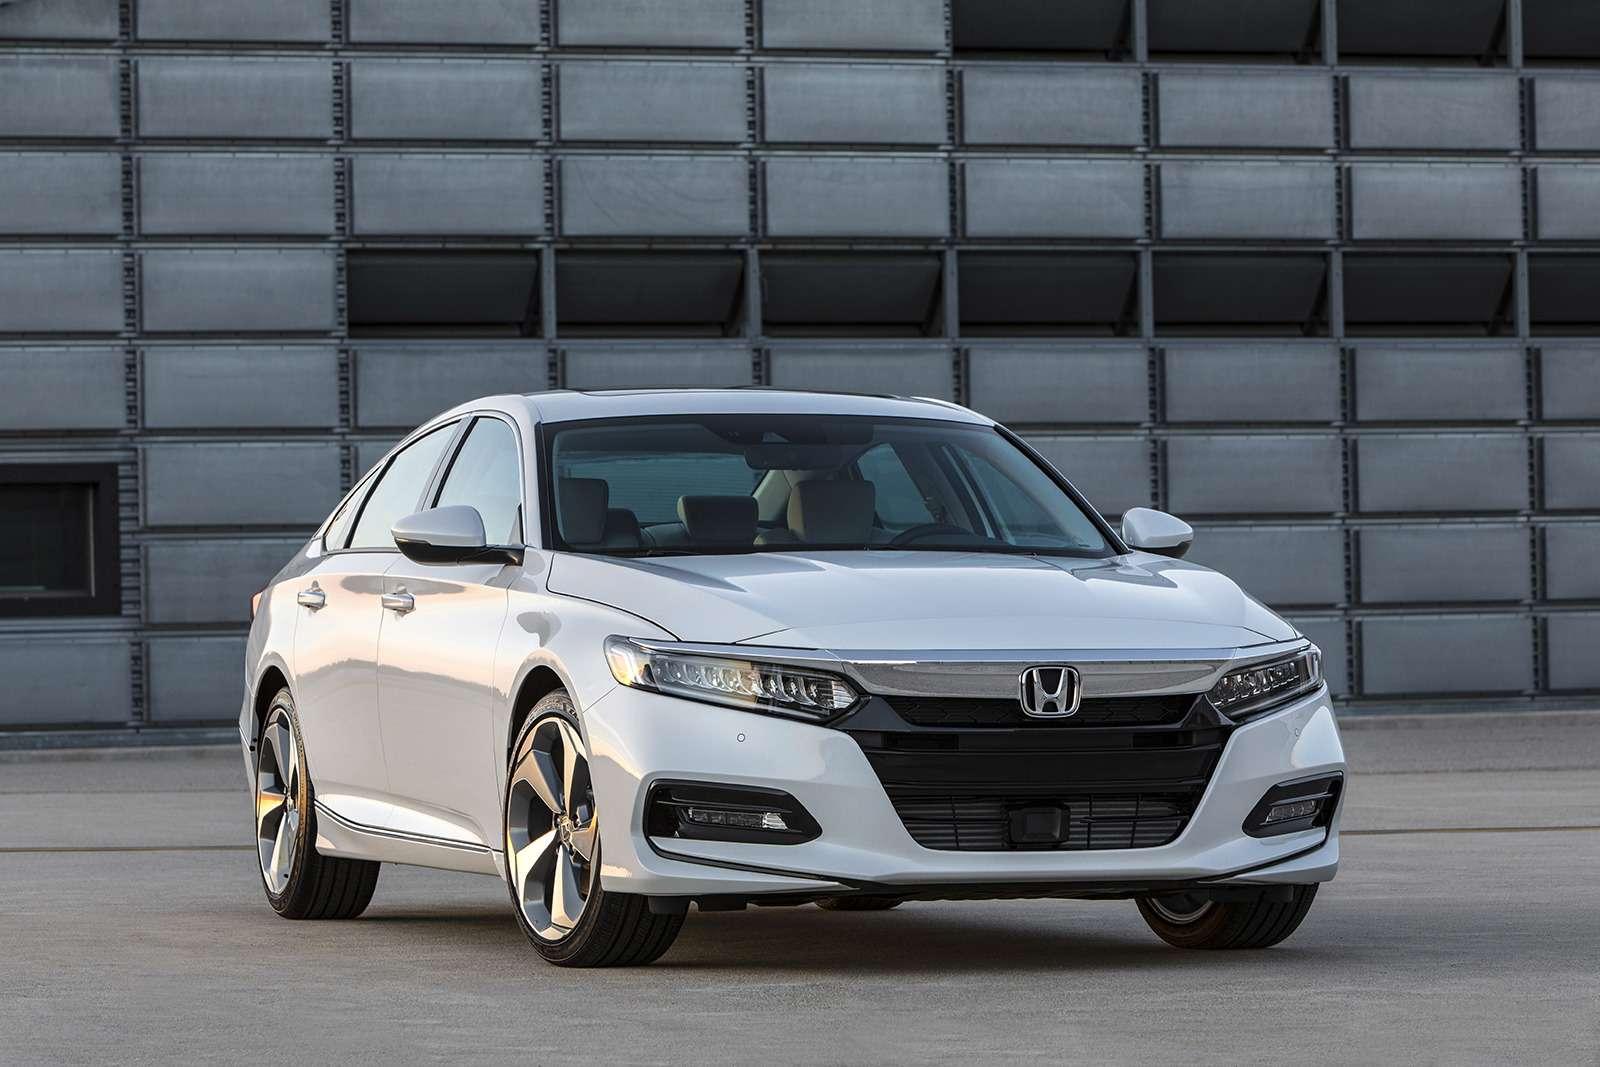 Honda показала конкурента Тойоты Камри. Появится лионунас?— фото 774918